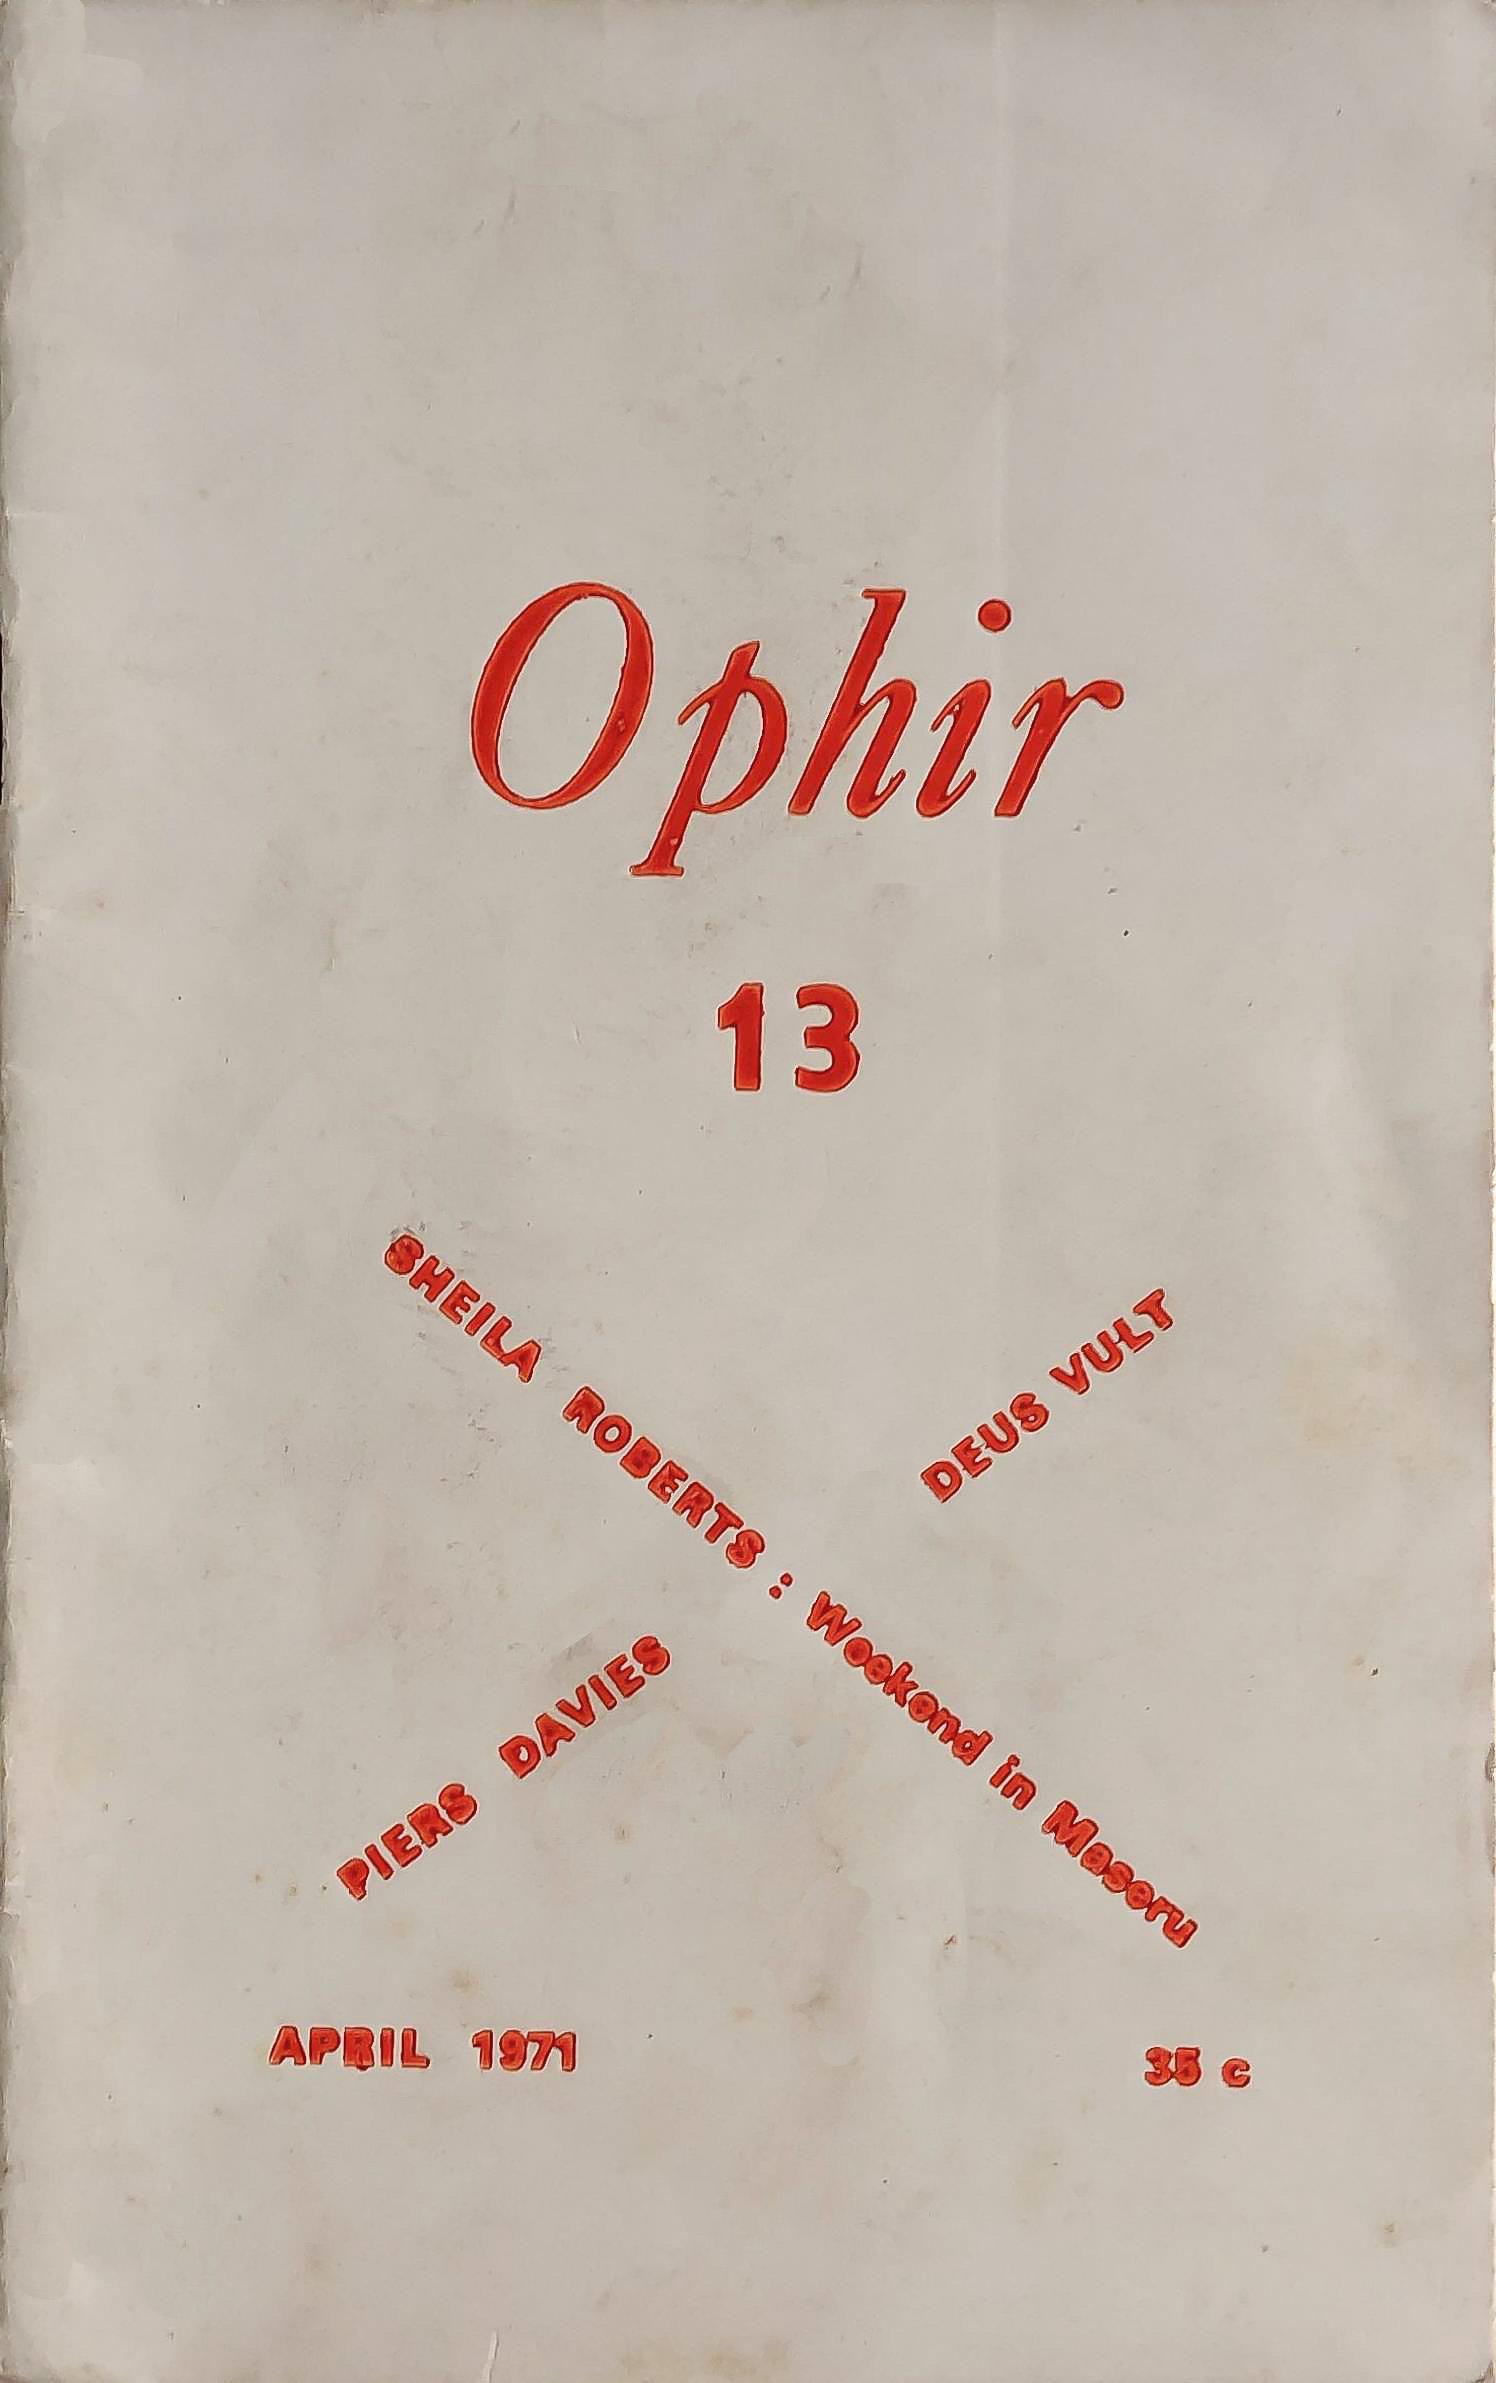 Ophir_13_1971